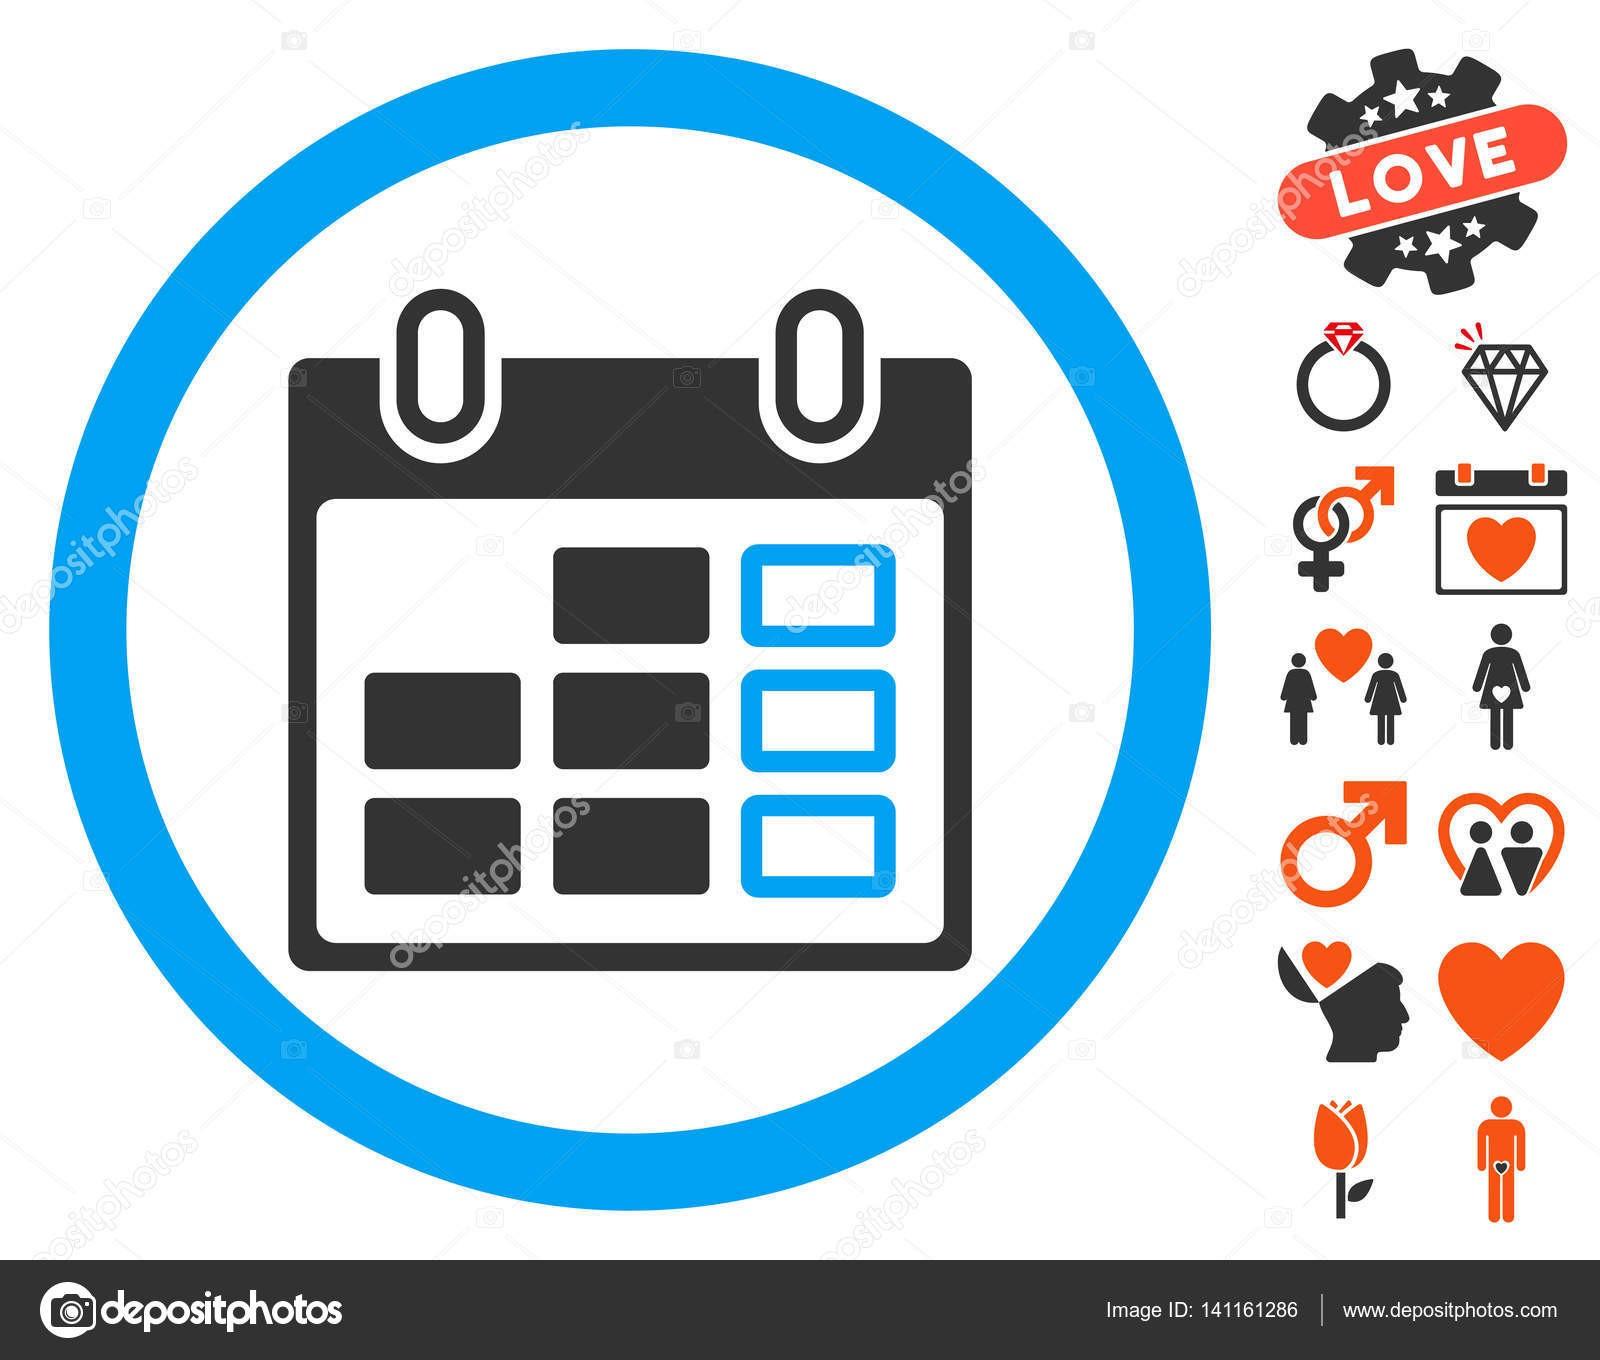 Calendario semana icono precioso bono– Ilustraci³n de Stock